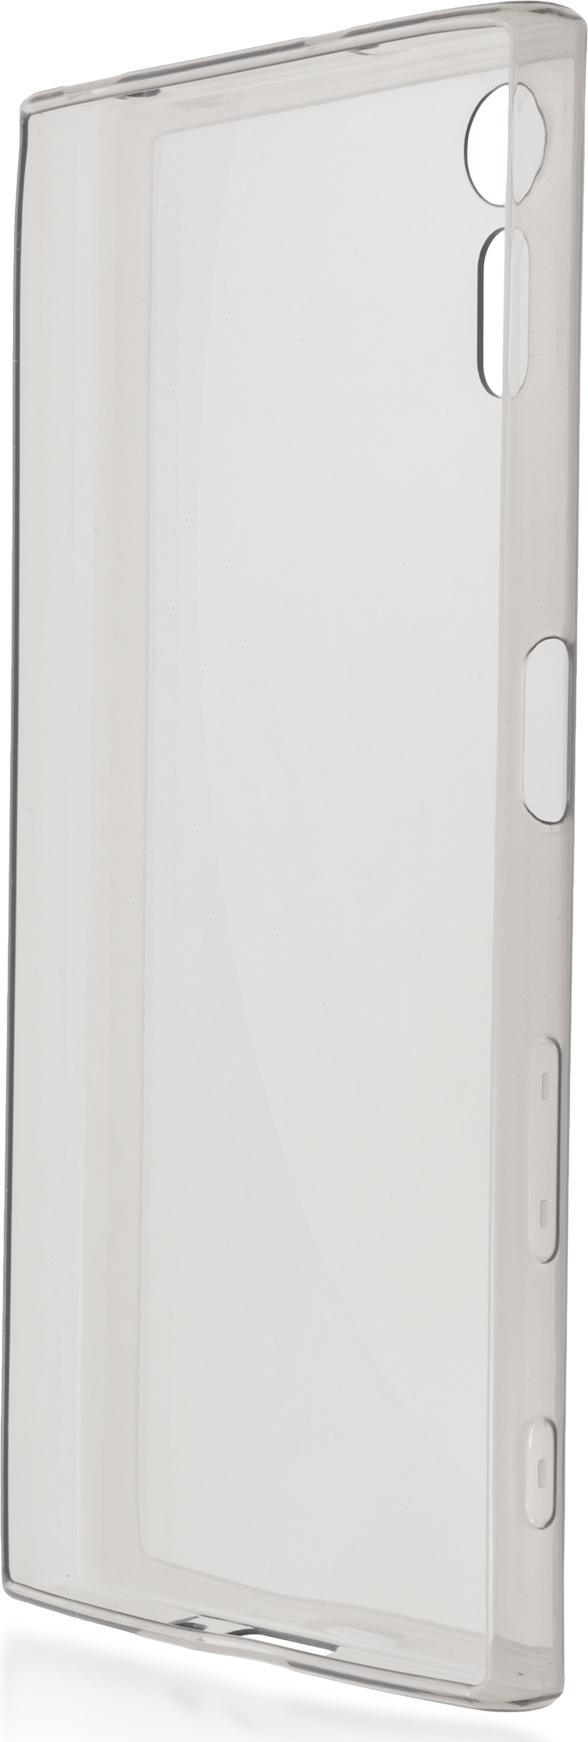 Чехол Brosco TPU для Sony Xperia XZ, черный чехол для sony i4213 xperia 10 plus brosco силиконовая накладка черный